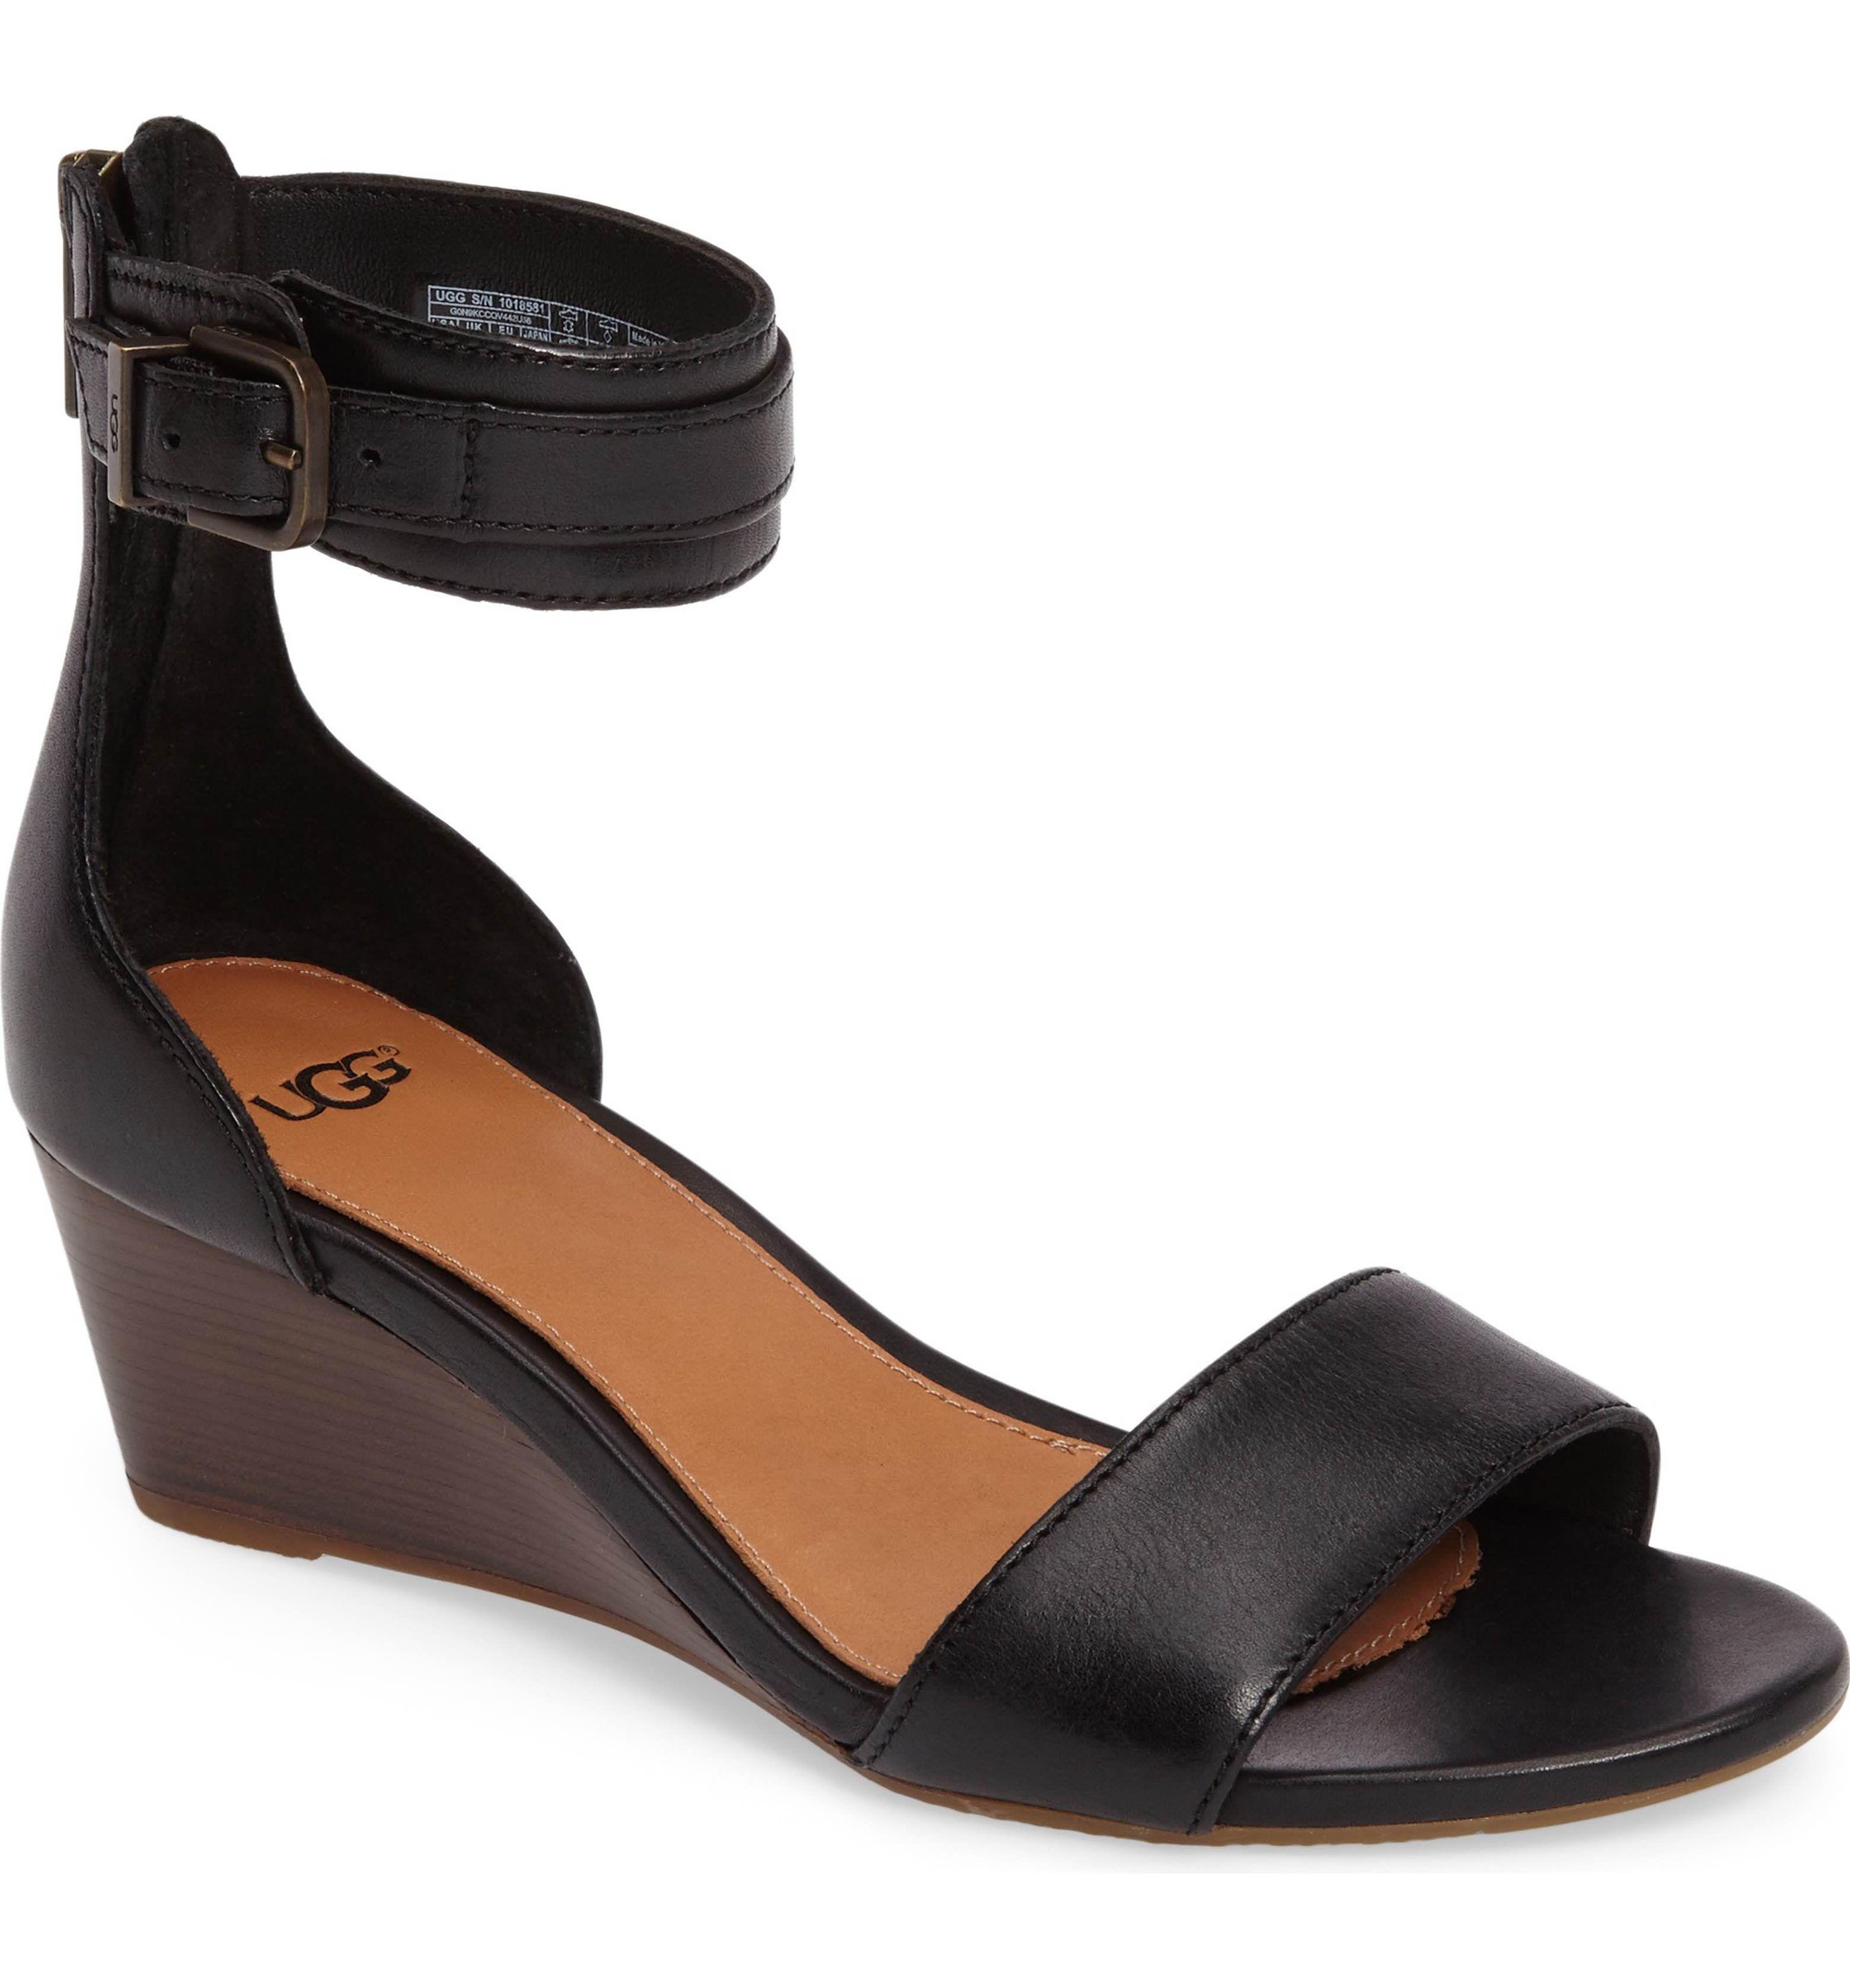 af266ecf224 UGG® 'Char' Ankle Strap Wedge Sandal (Women): Vegetable-tanned ...